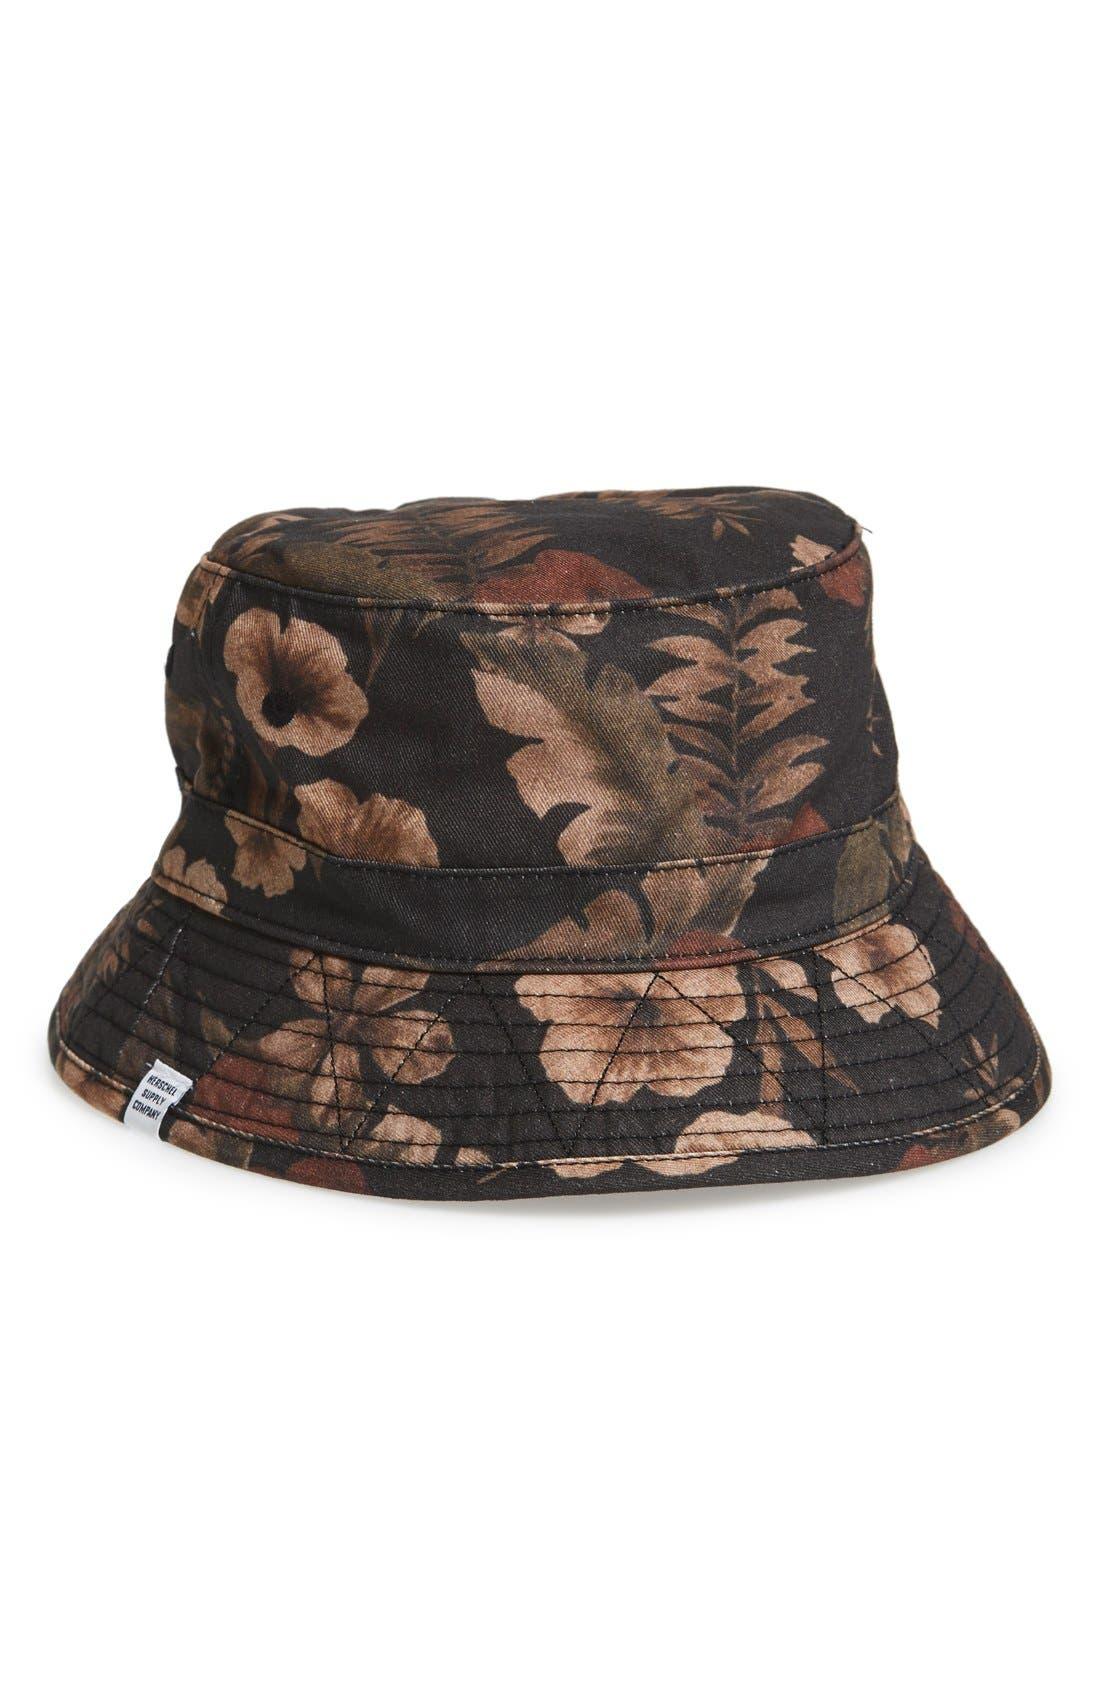 Main Image - Herschel Supply Co. 'Creek' Bucket Hat